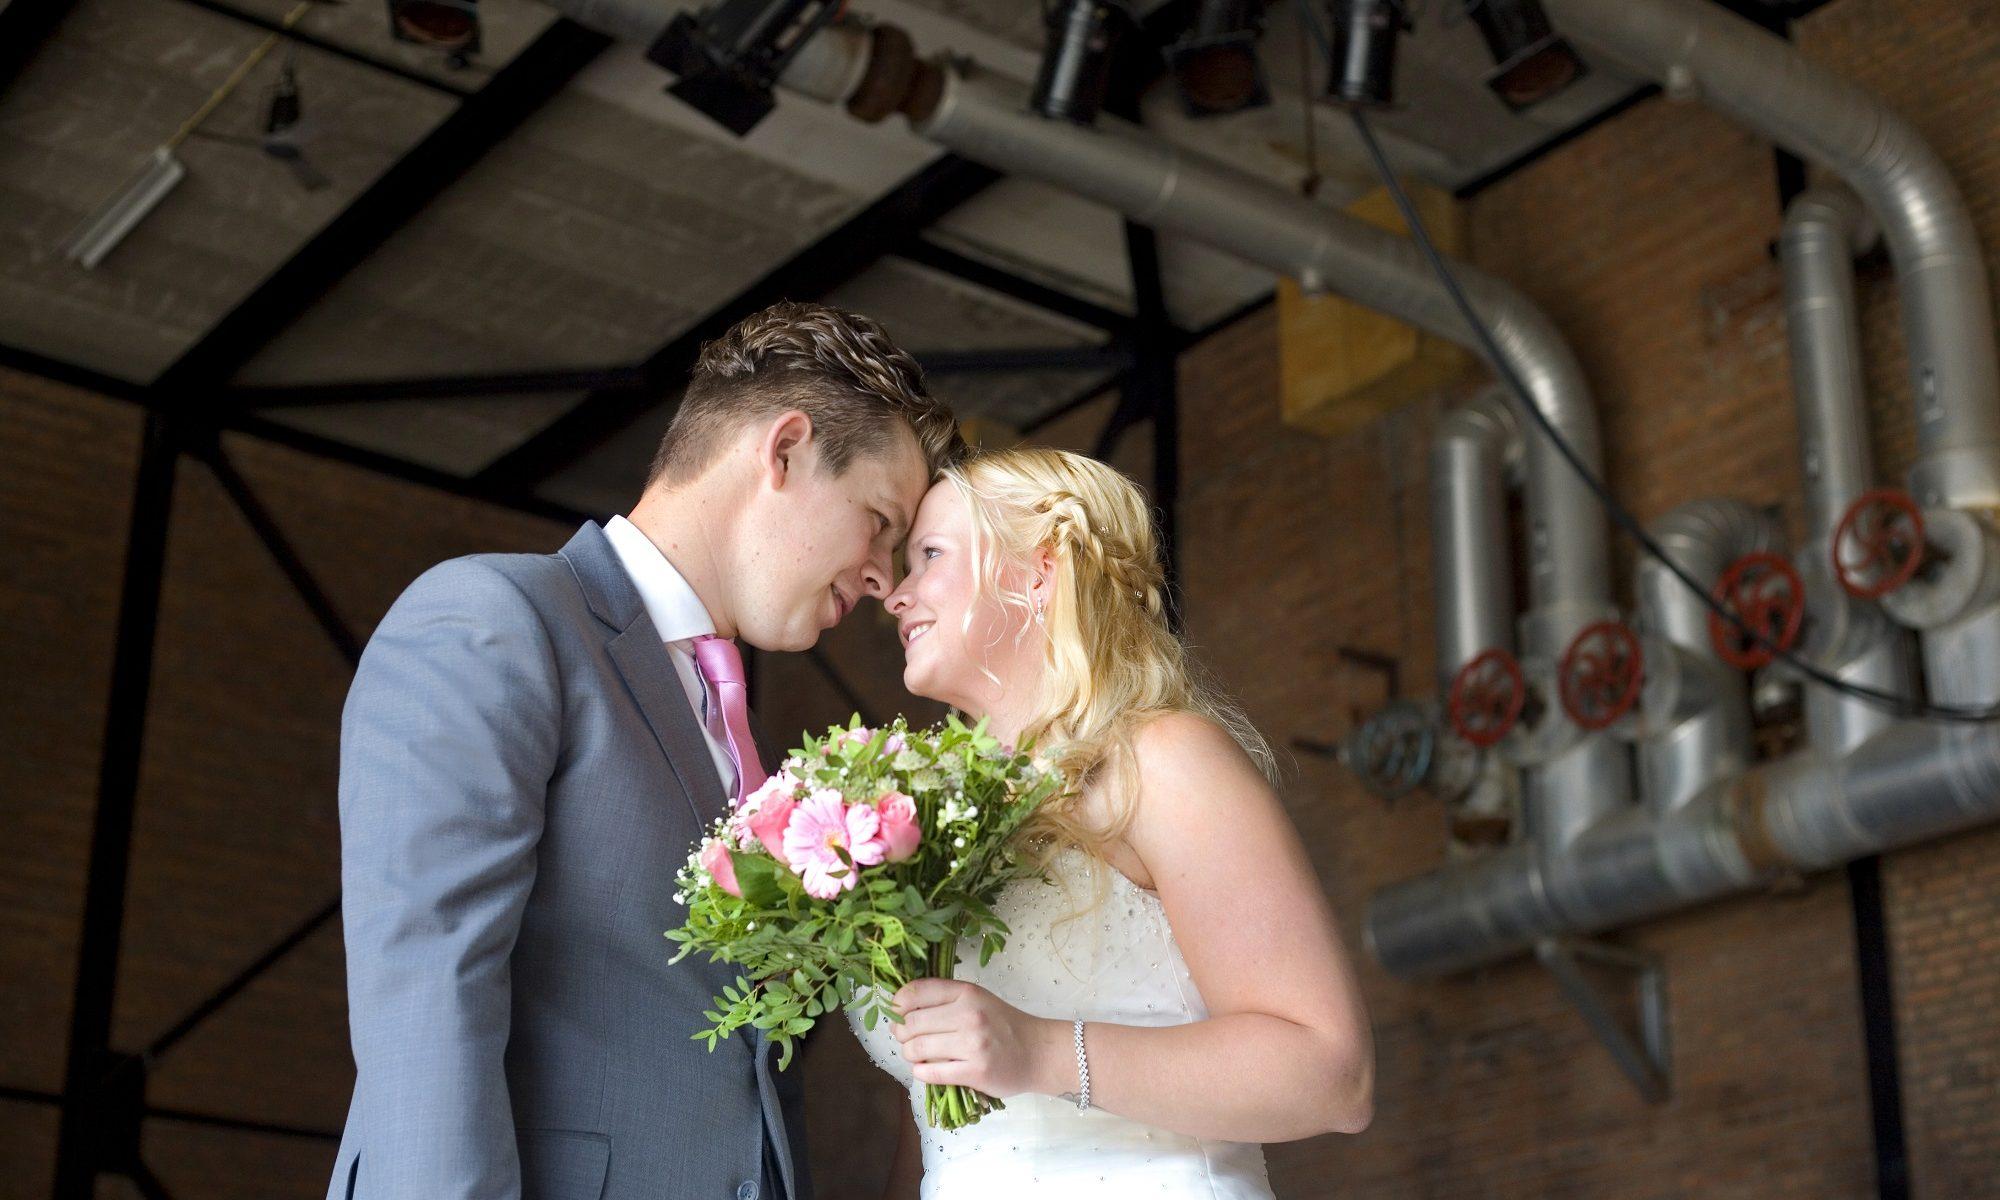 Bruidspaar trouwfoto in industriële locatie Lijm & Cultuur Delft werkwijze